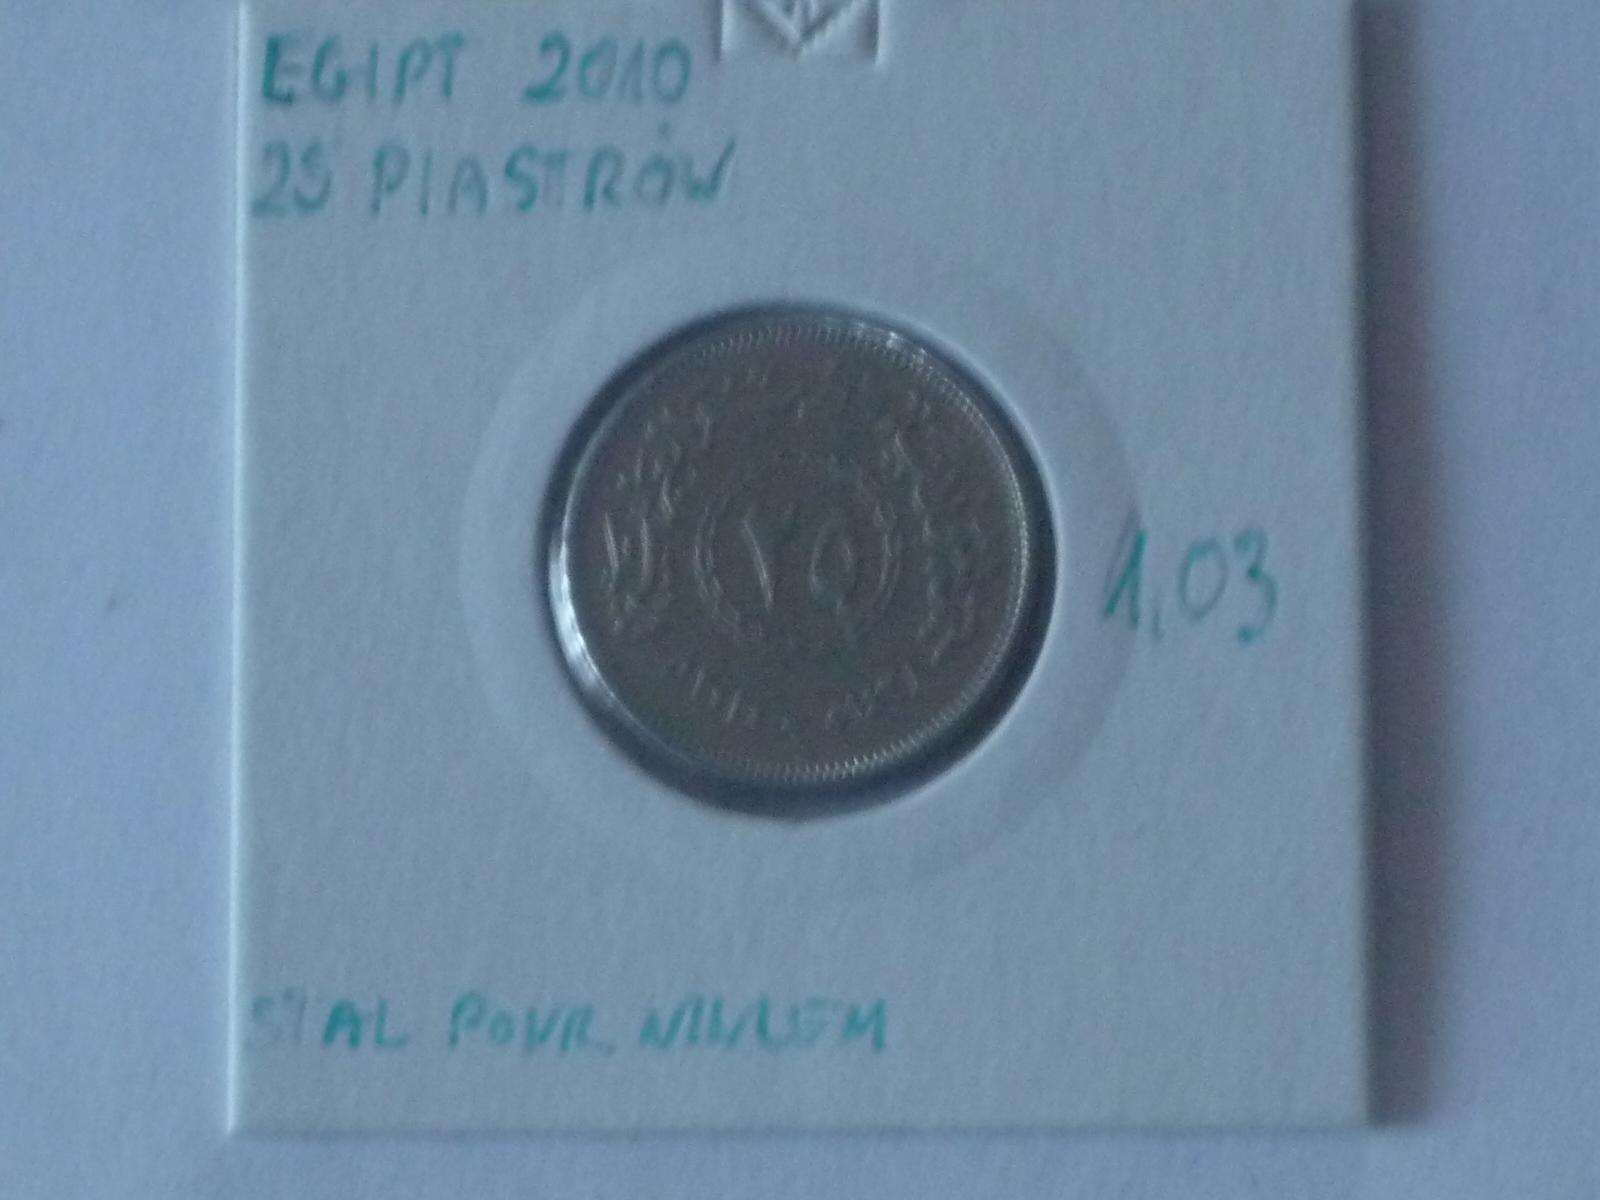 25 piastrów 2010 Egipt st.III